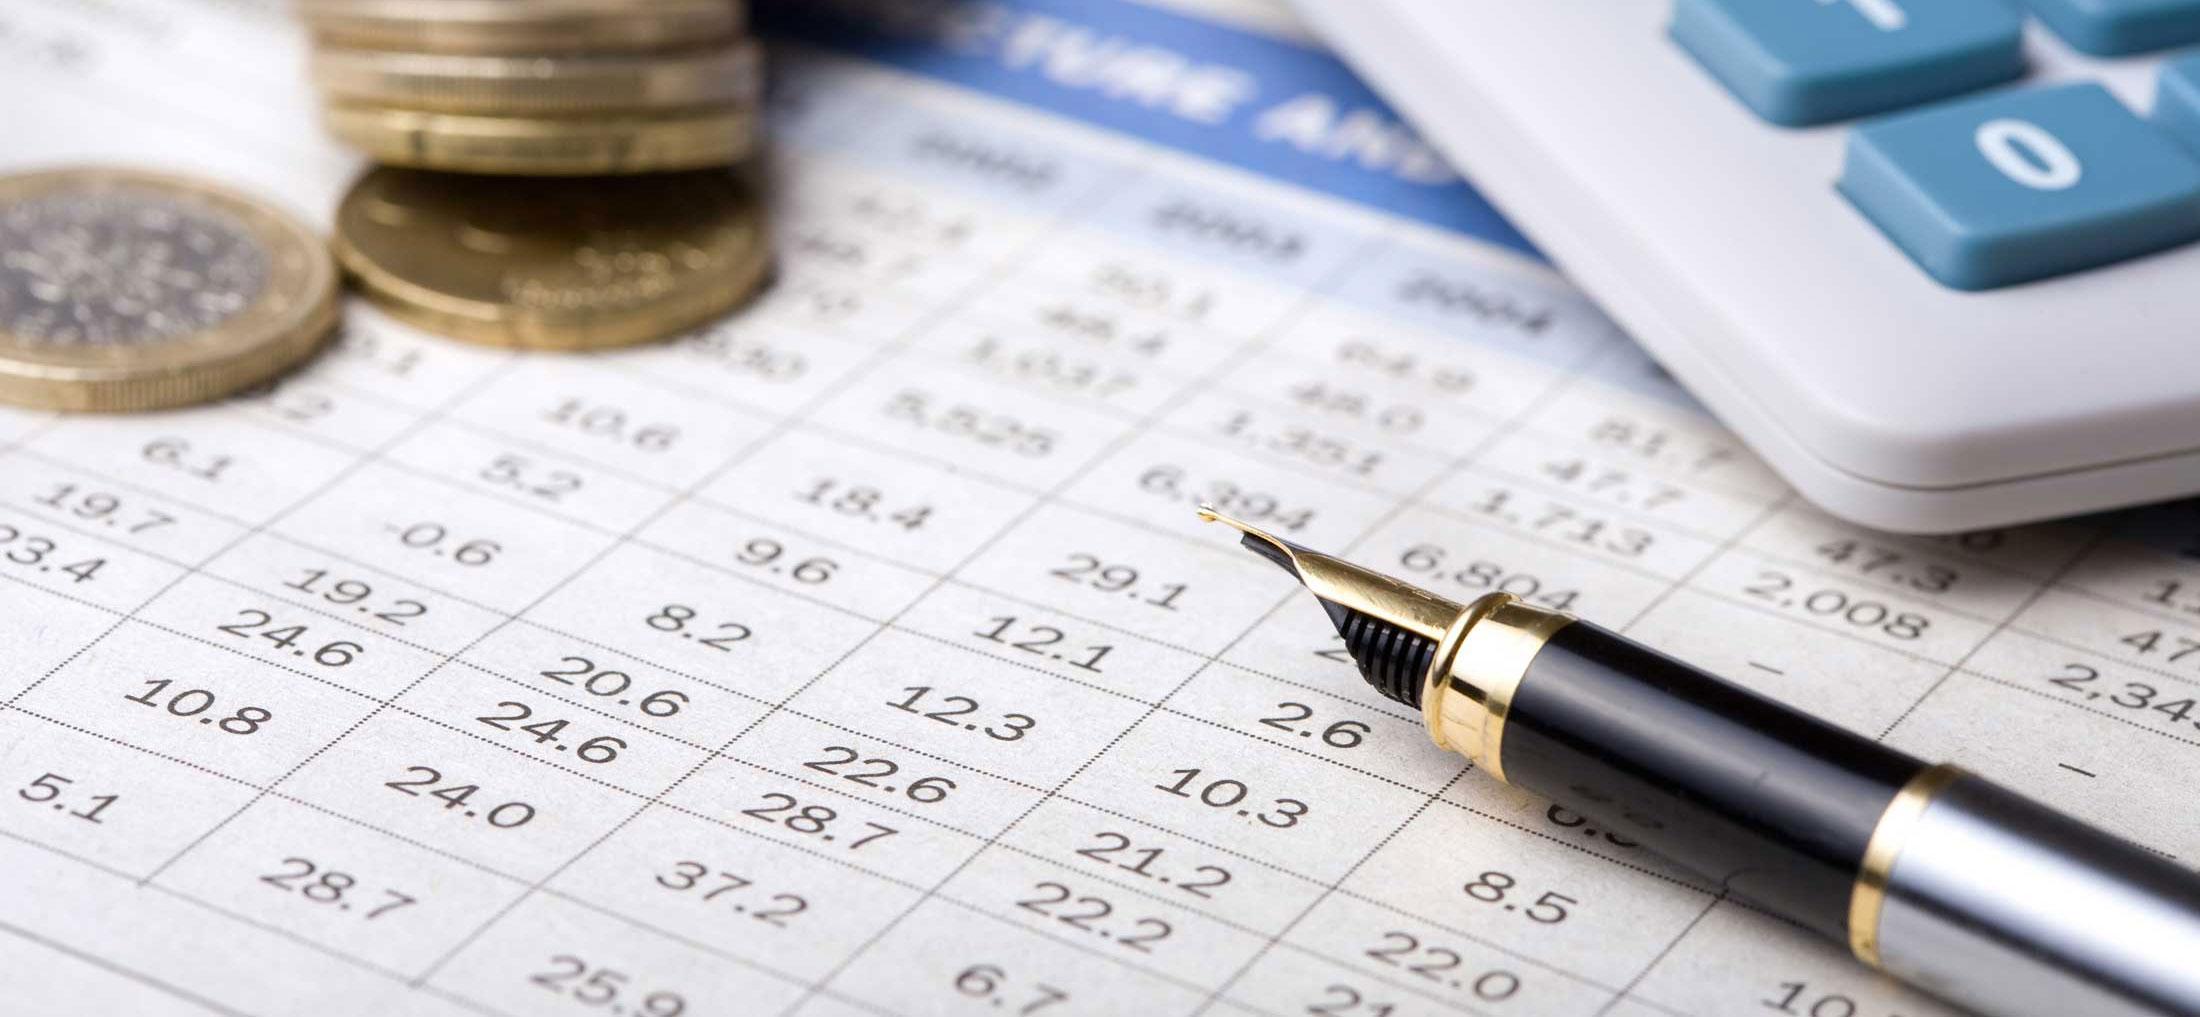 Comptabilité : une innovation dans la gestion de vos finances